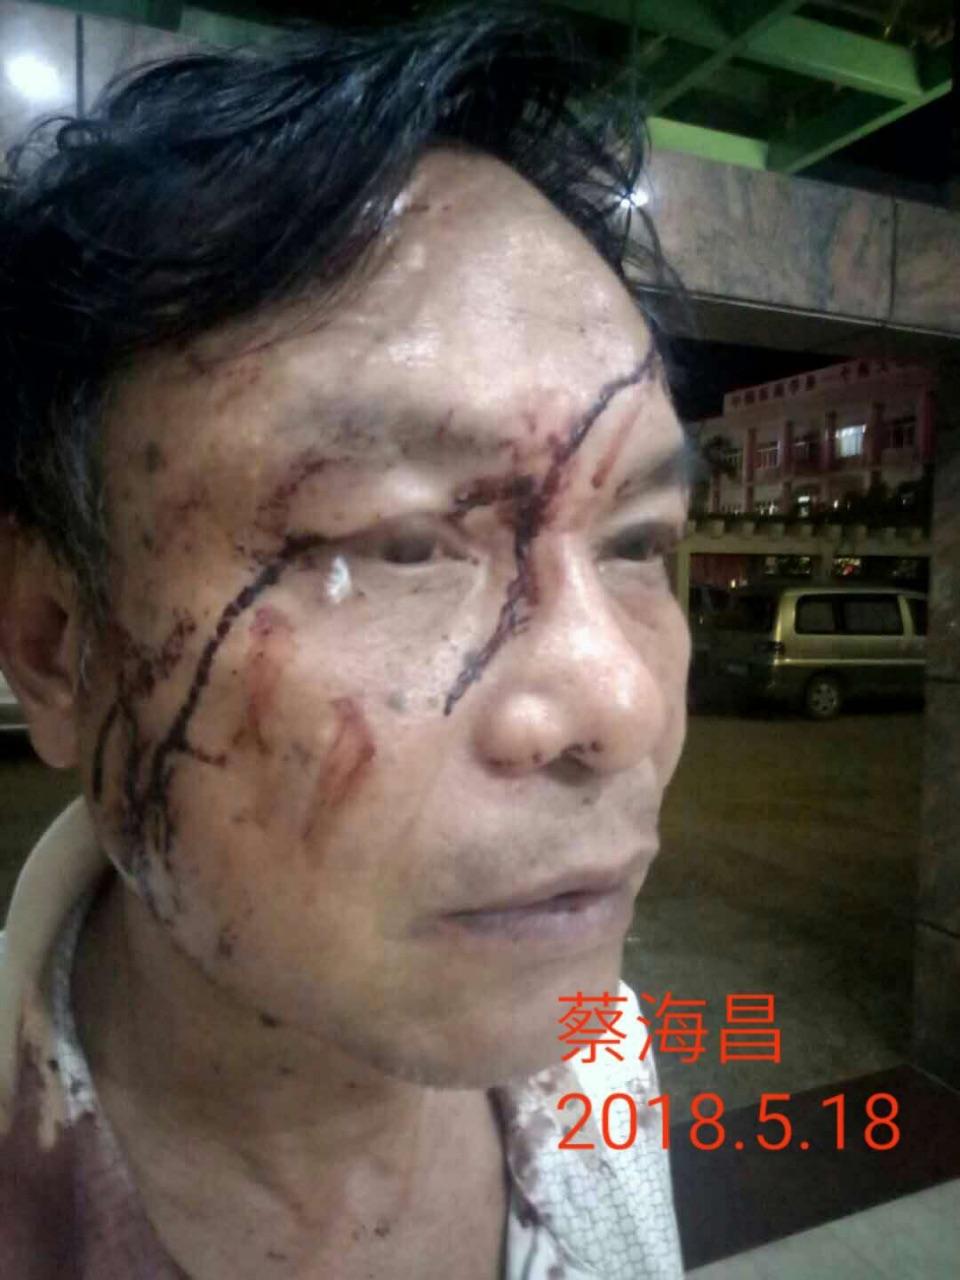 5月22日,廣東羅定市文化廣場聚集了千餘名參戰老兵,他們為自己的戰友劉天榮、蔡海昌等9人進京上訪被打事件討說法。圖為被打的老兵。(受訪者提供)